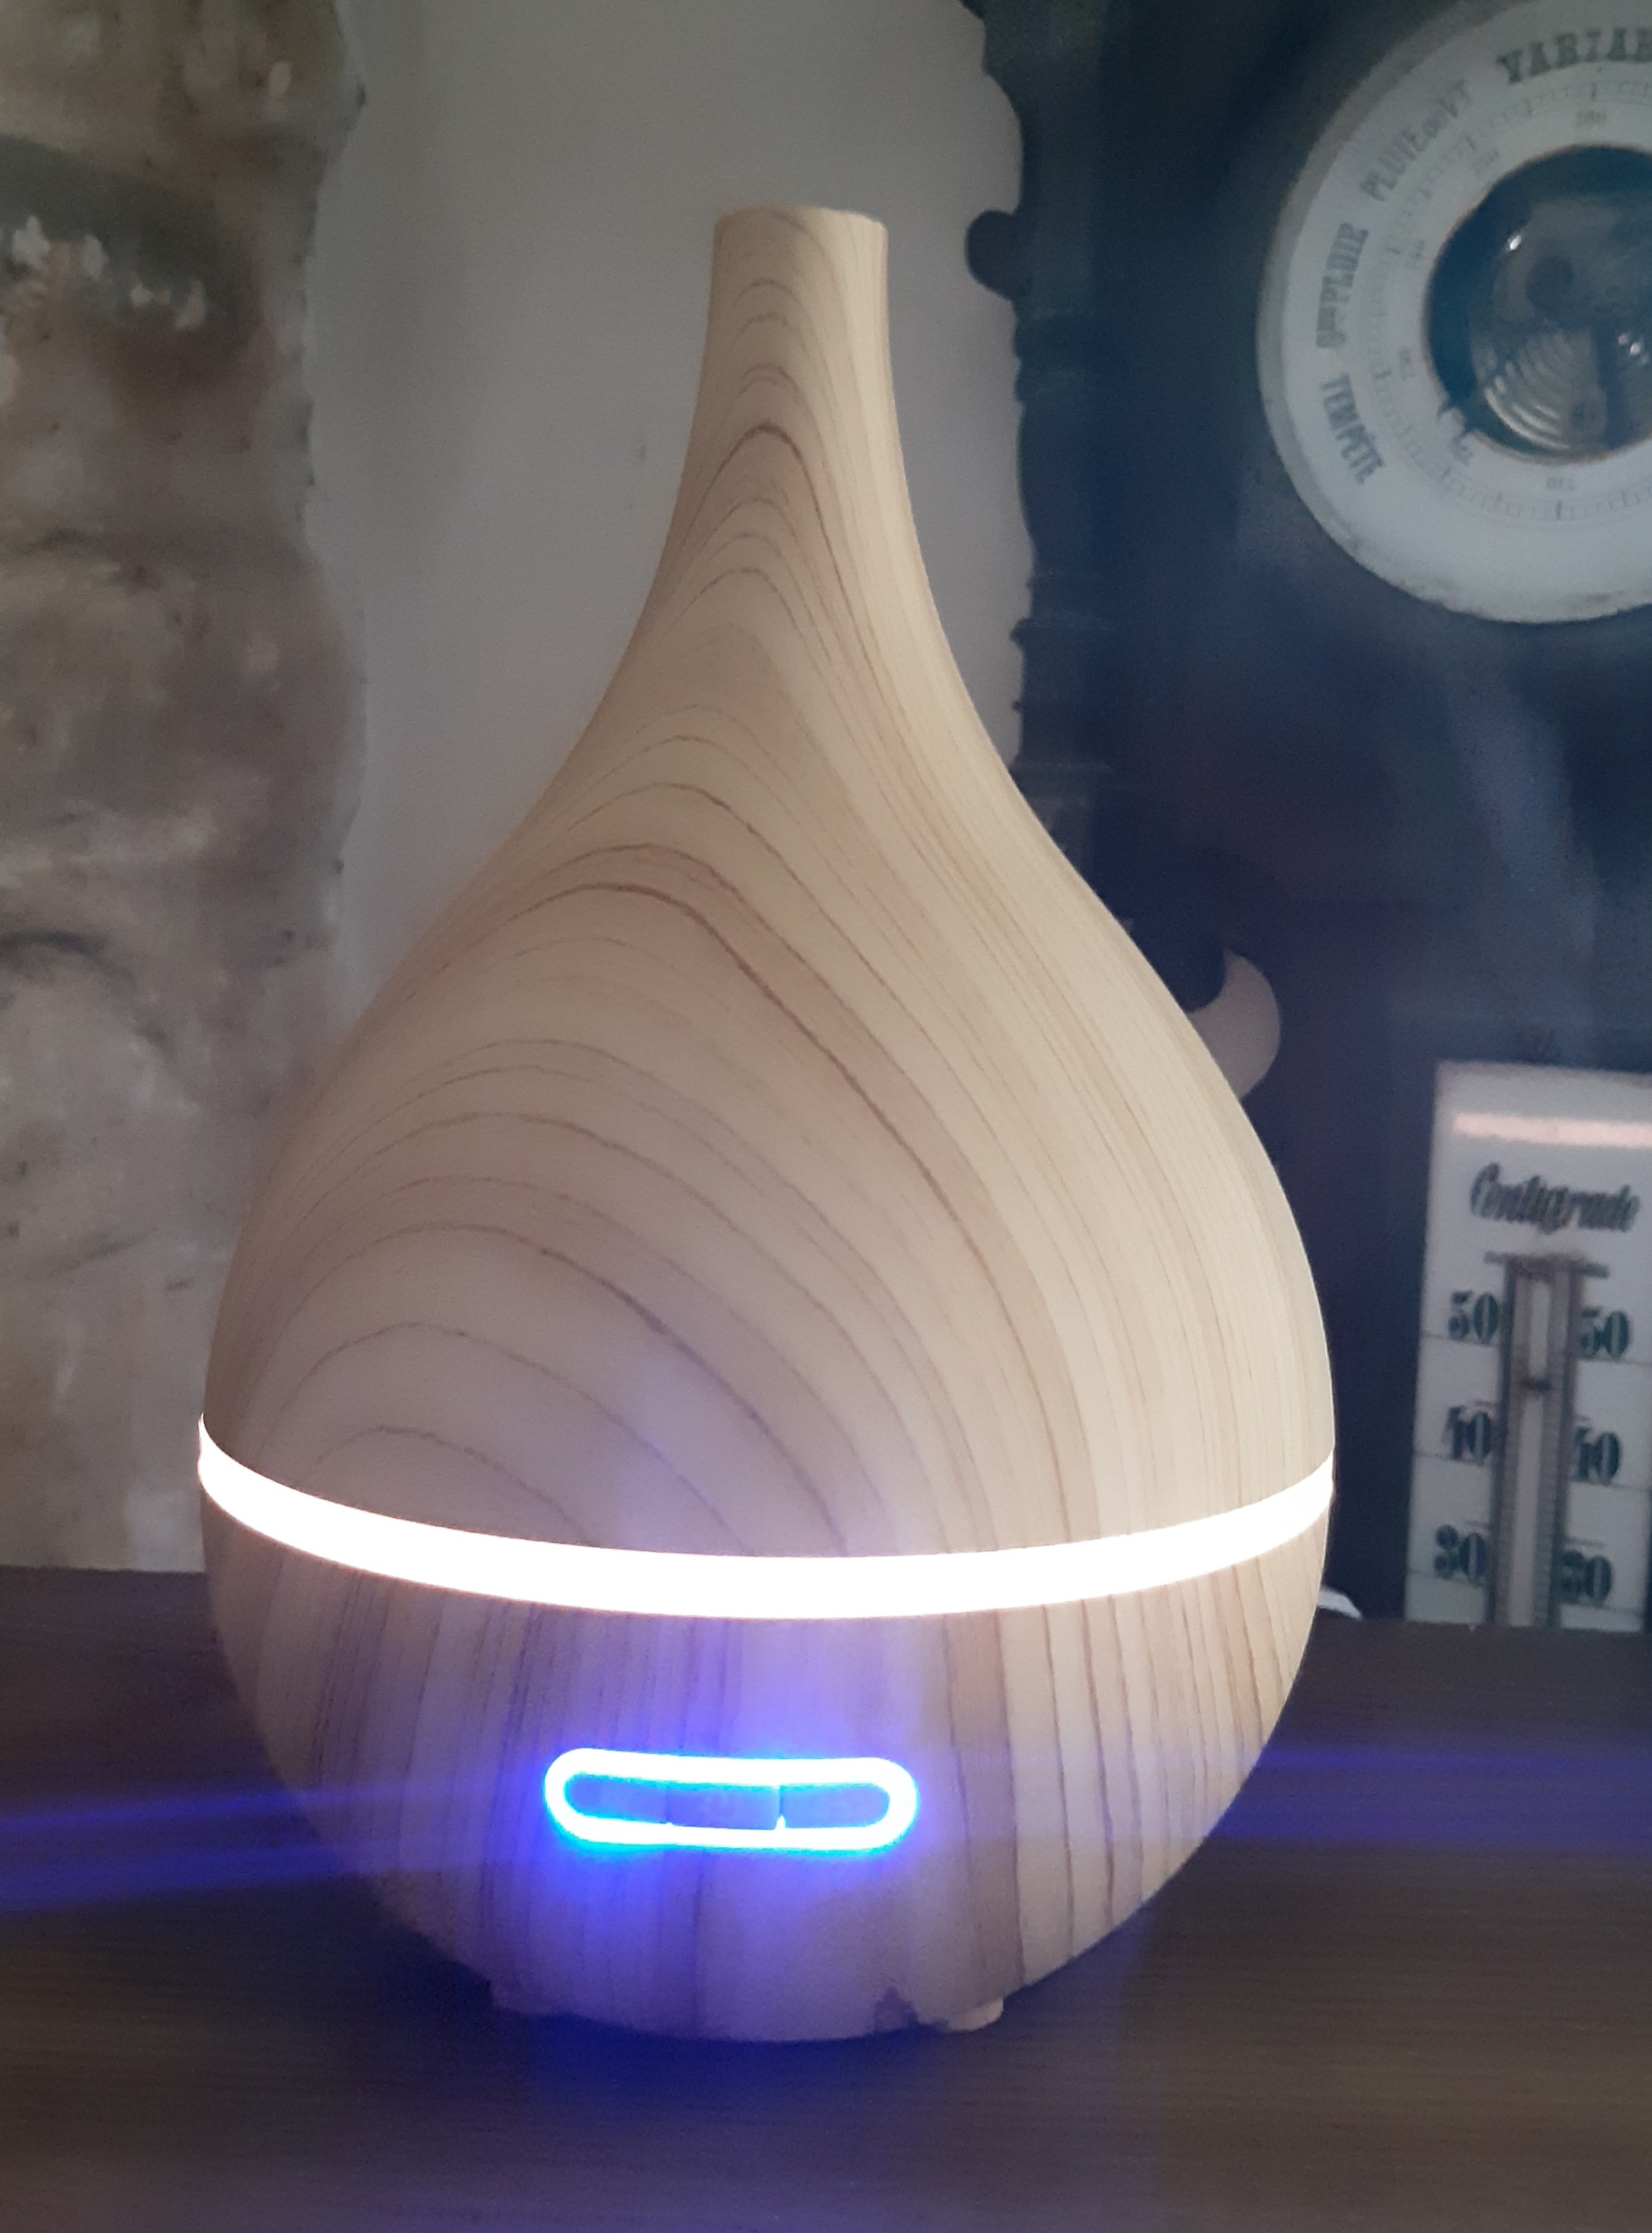 J'ai testé pour vous diffuseur d'huiles essentielles en bois lumineux en forme de poire oléo